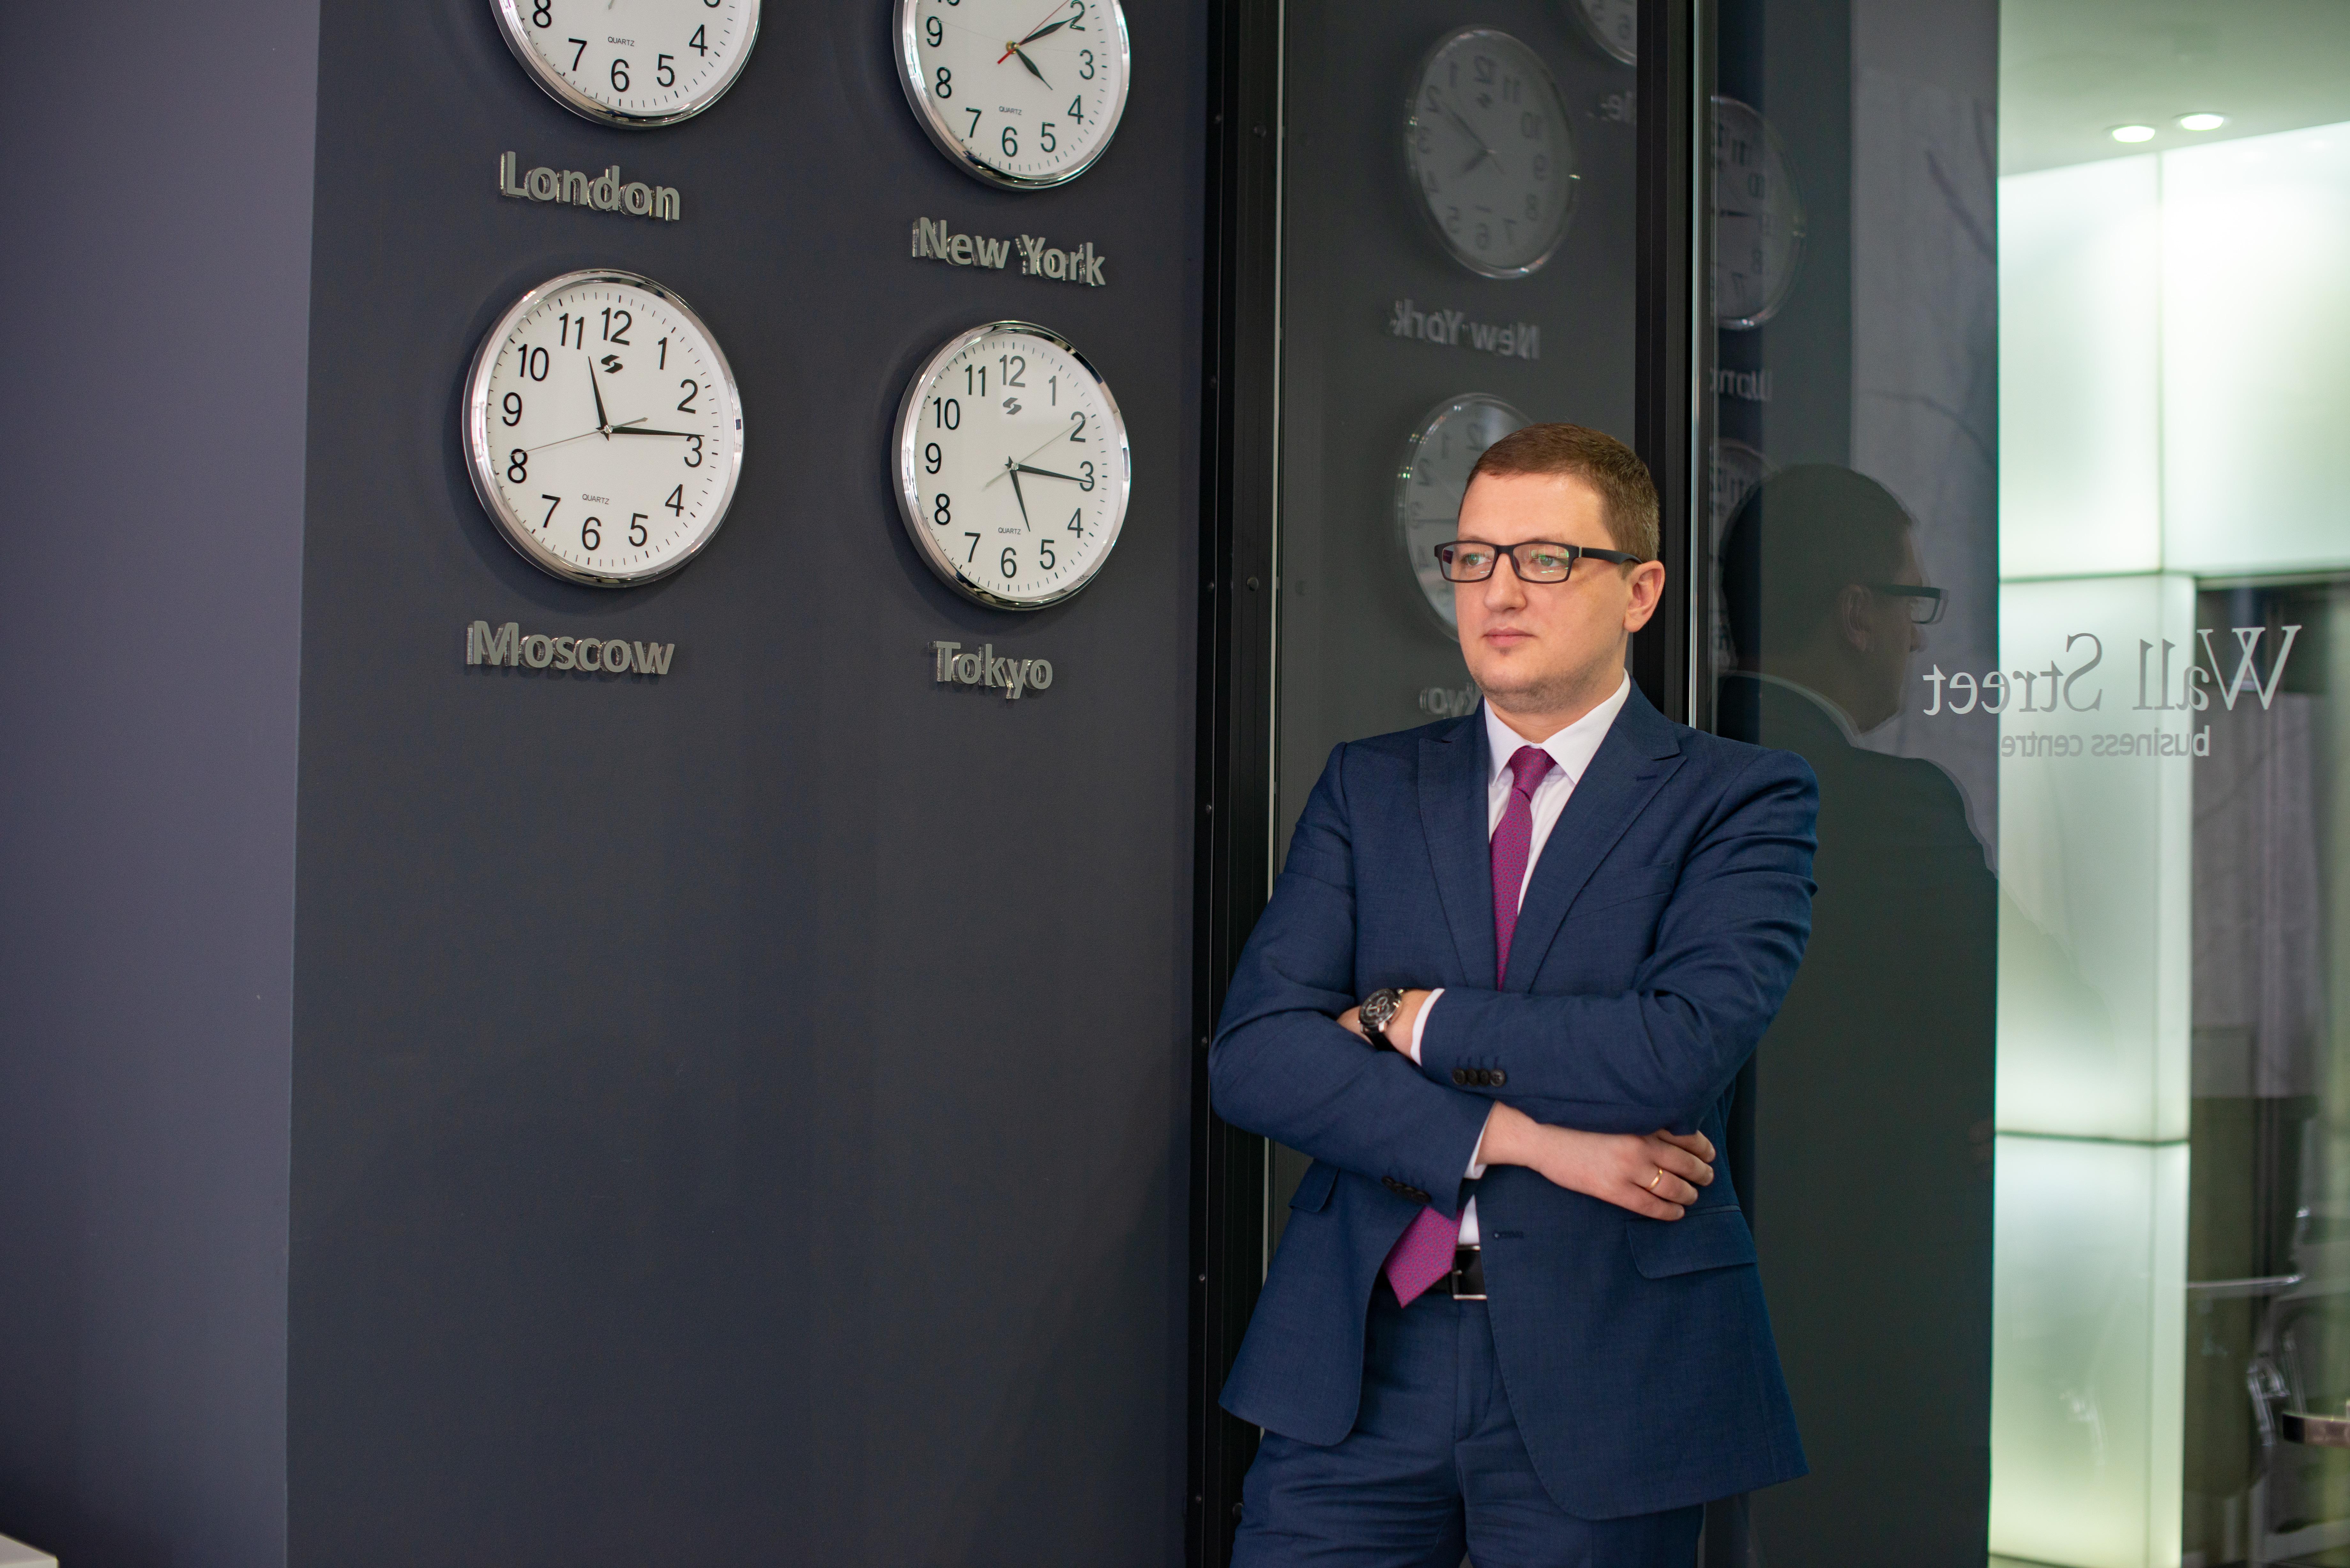 Оподаткування в Україні: чи комфортно бізнесу і звичайним громадянам - фото 3